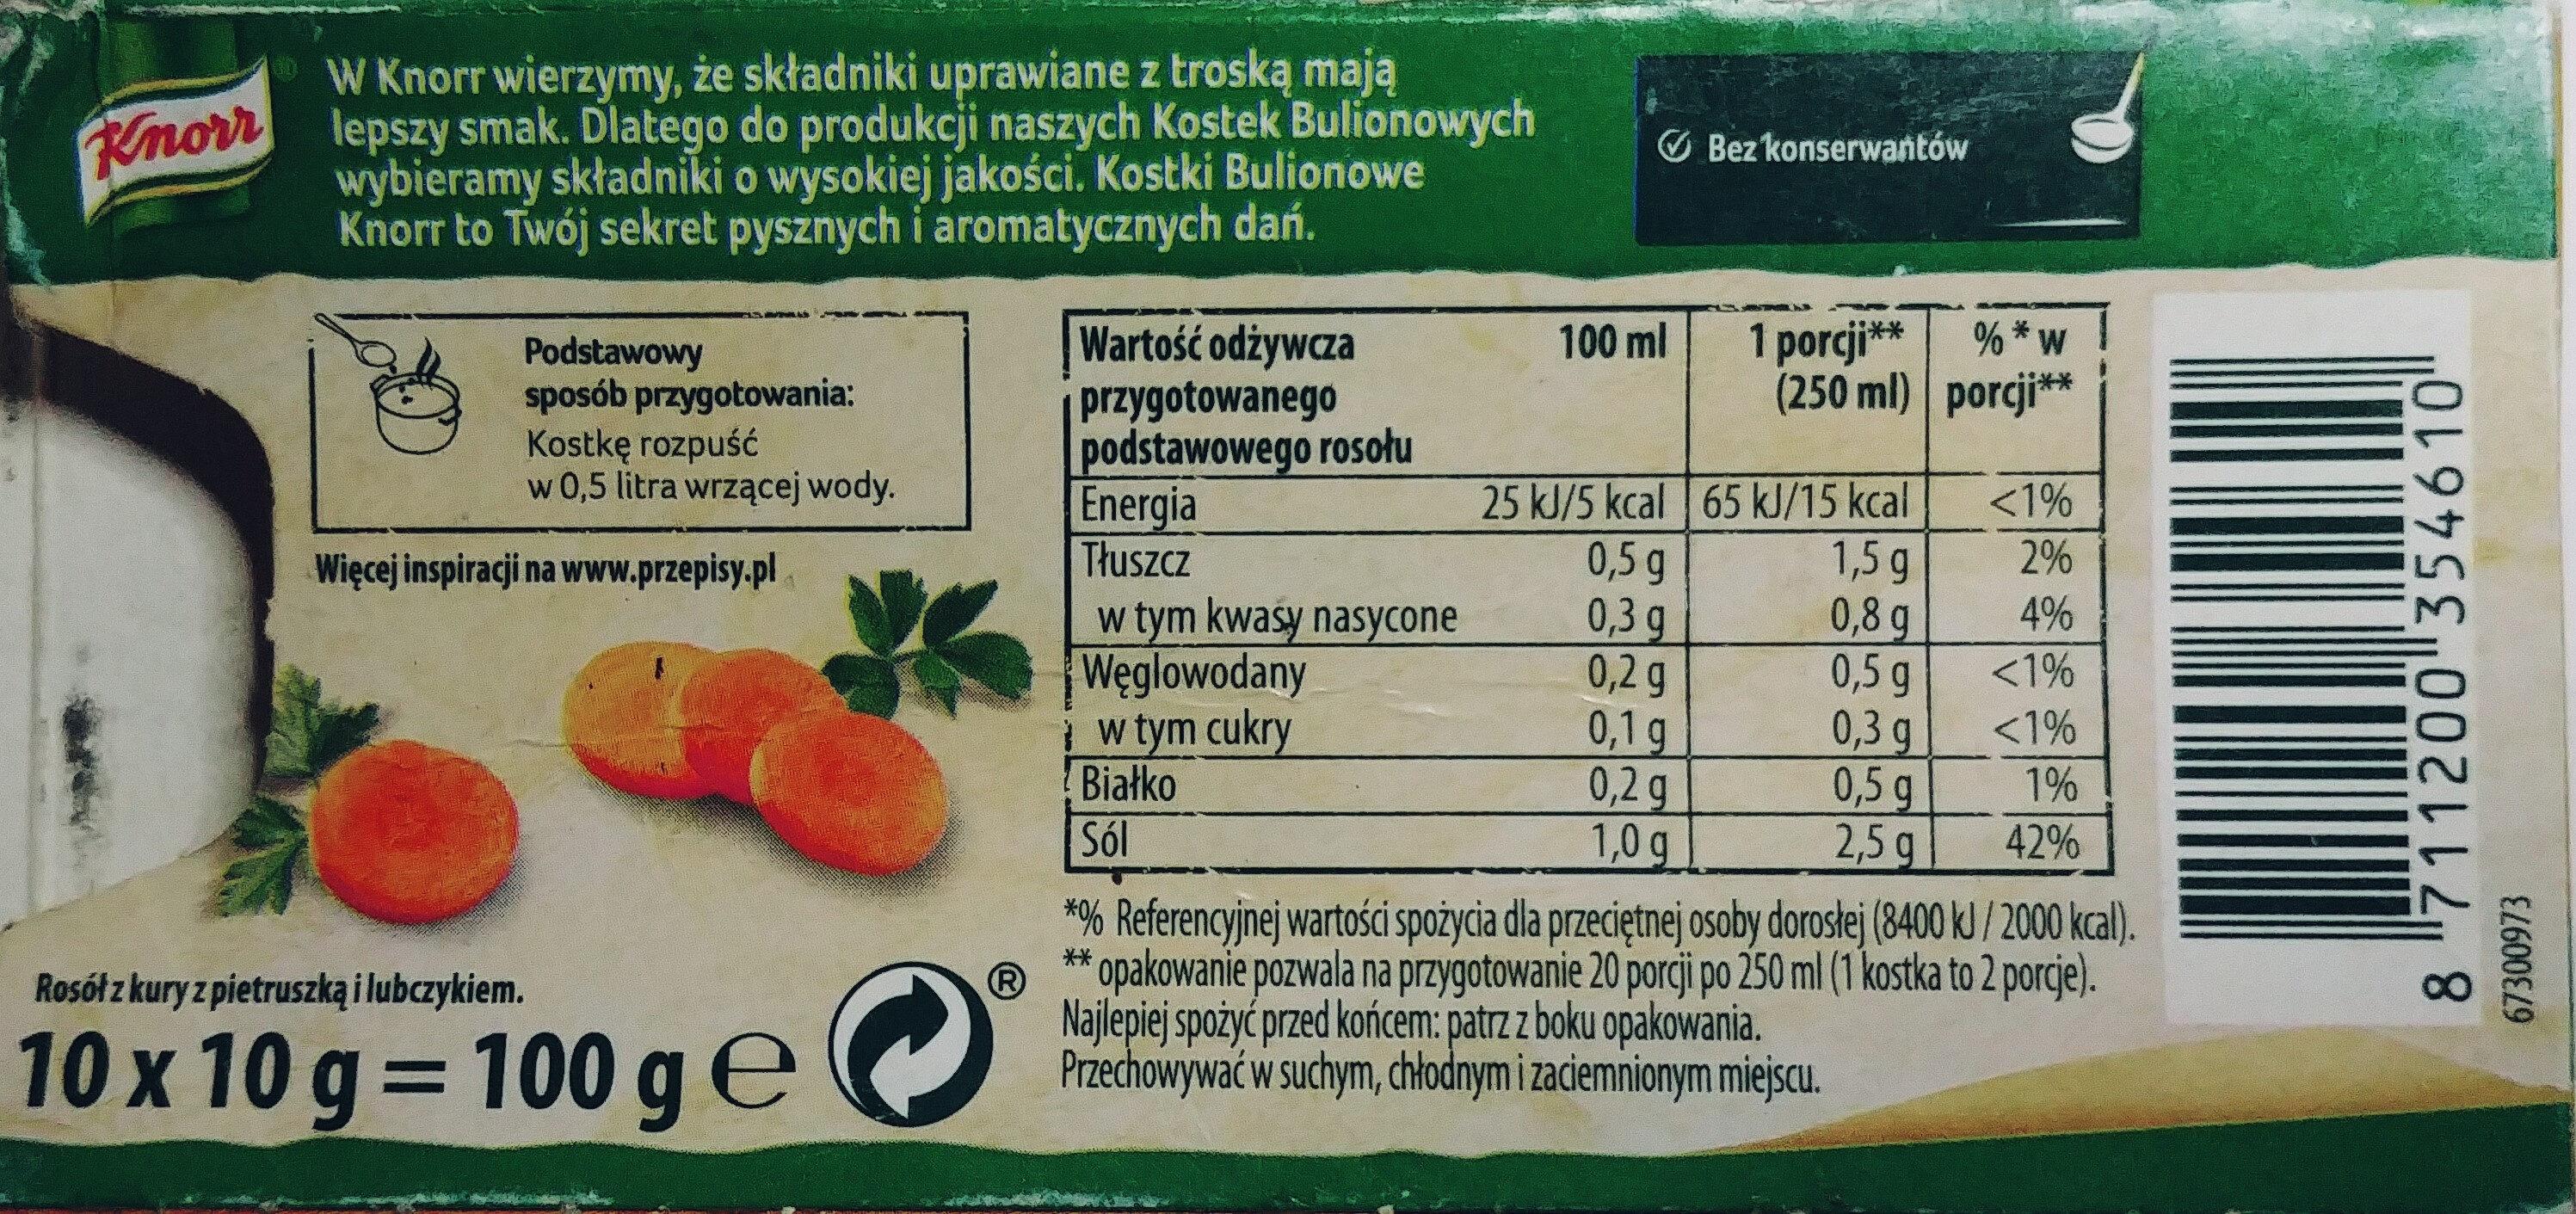 Rosół z kury z pietruszką i lubczykiem - Wartości odżywcze